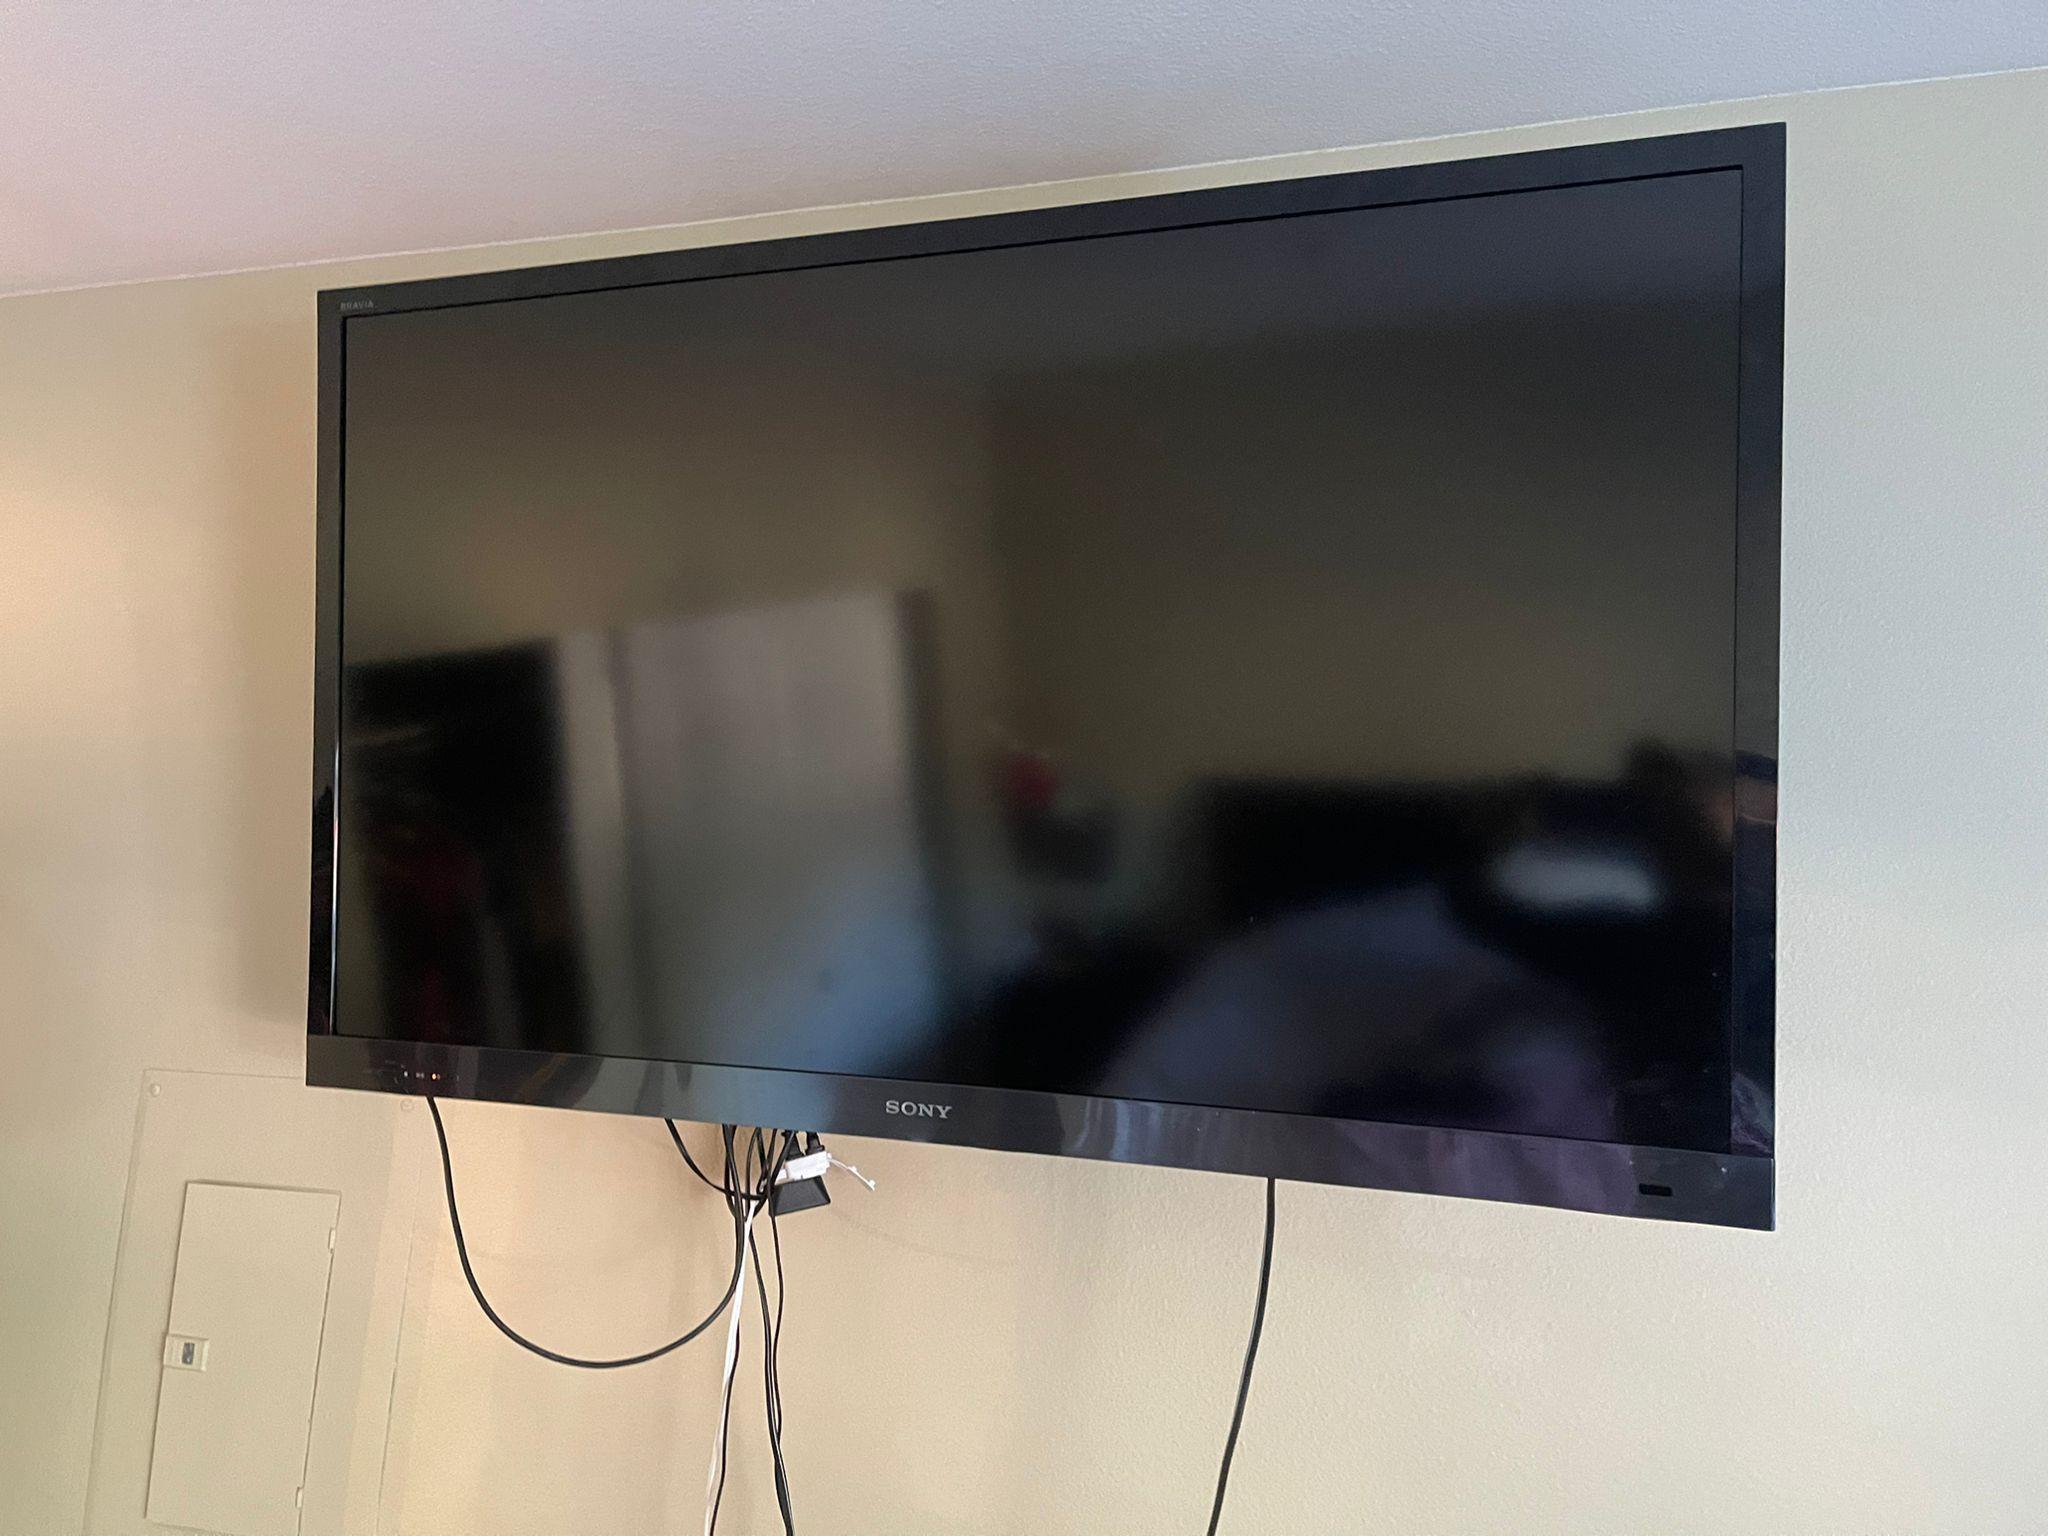 Smart Tv 55 Inch